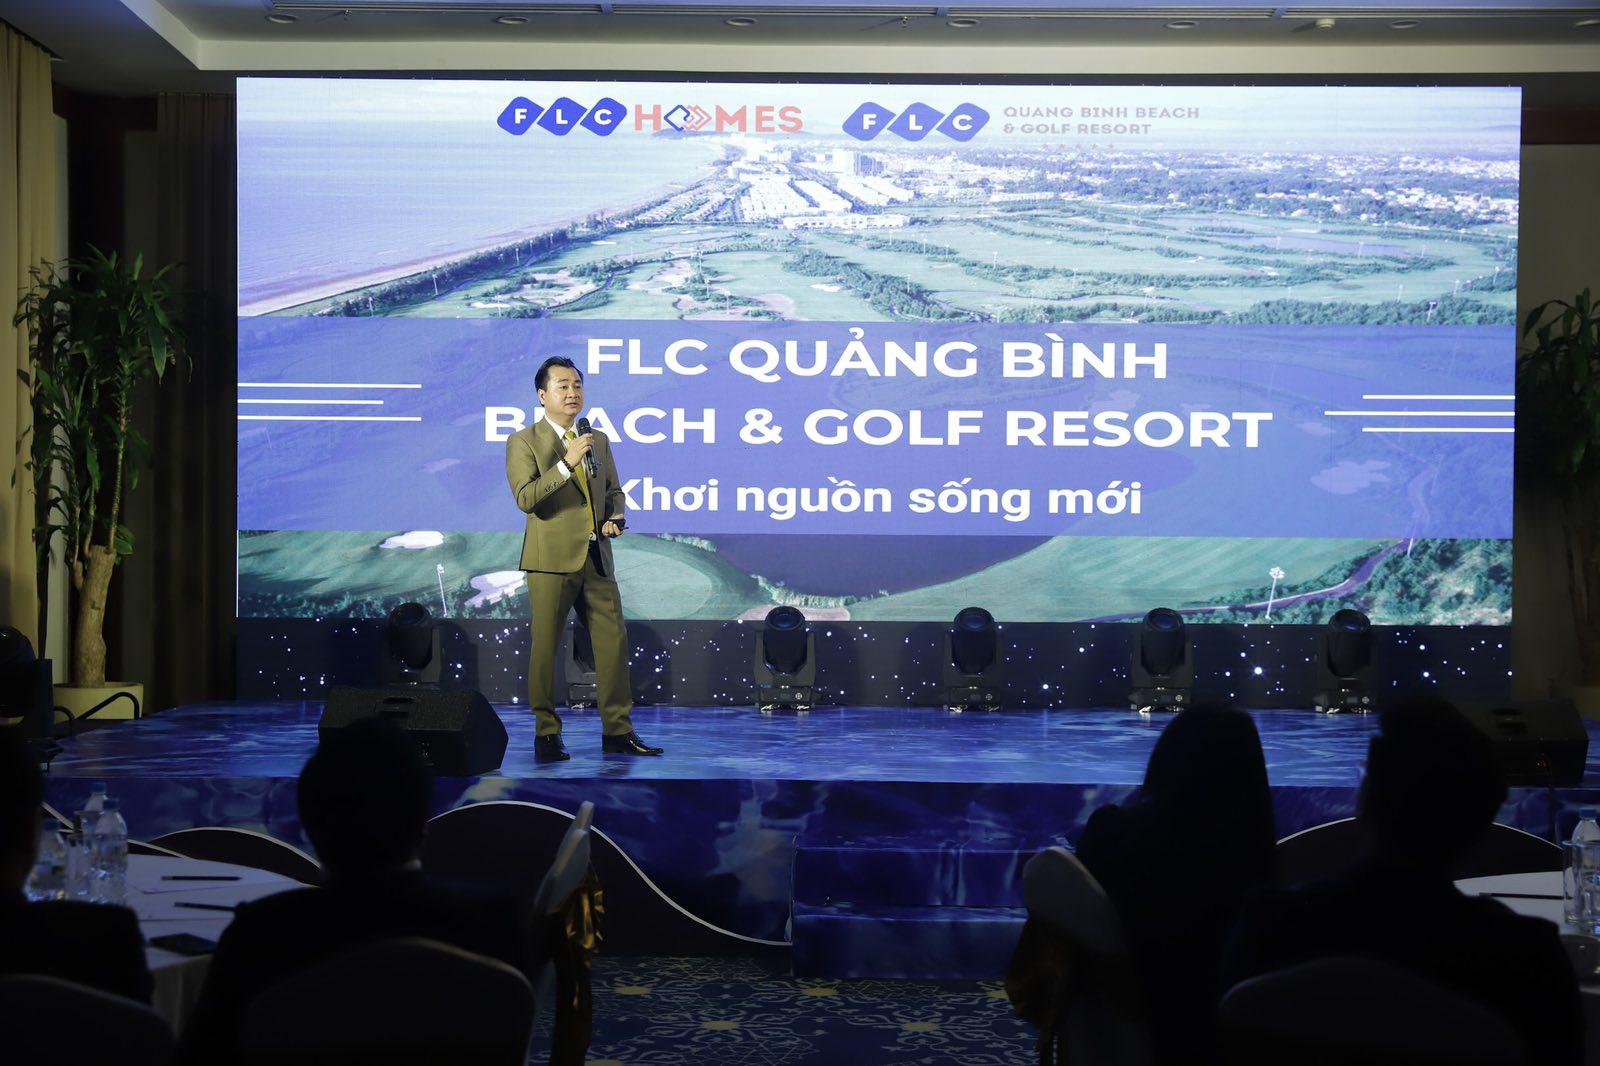 FLC Quảng Bình – Sức hút của giai đoạn phát triển mới  - Ảnh 1